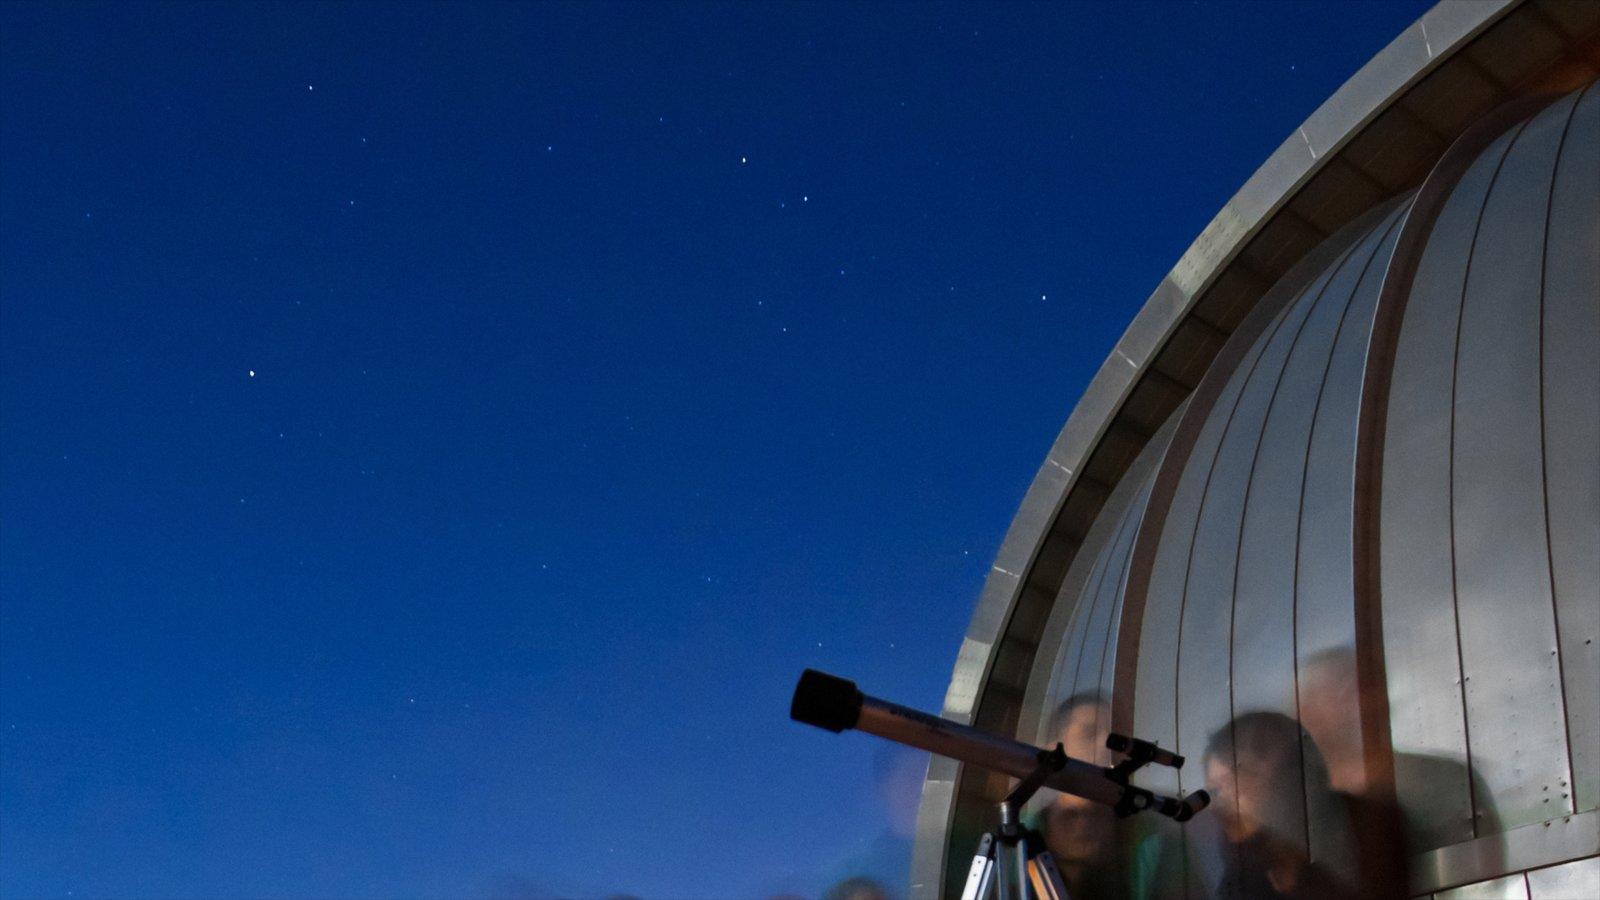 Chabot Space and Science Center que inclui cenas noturnas e um observatório